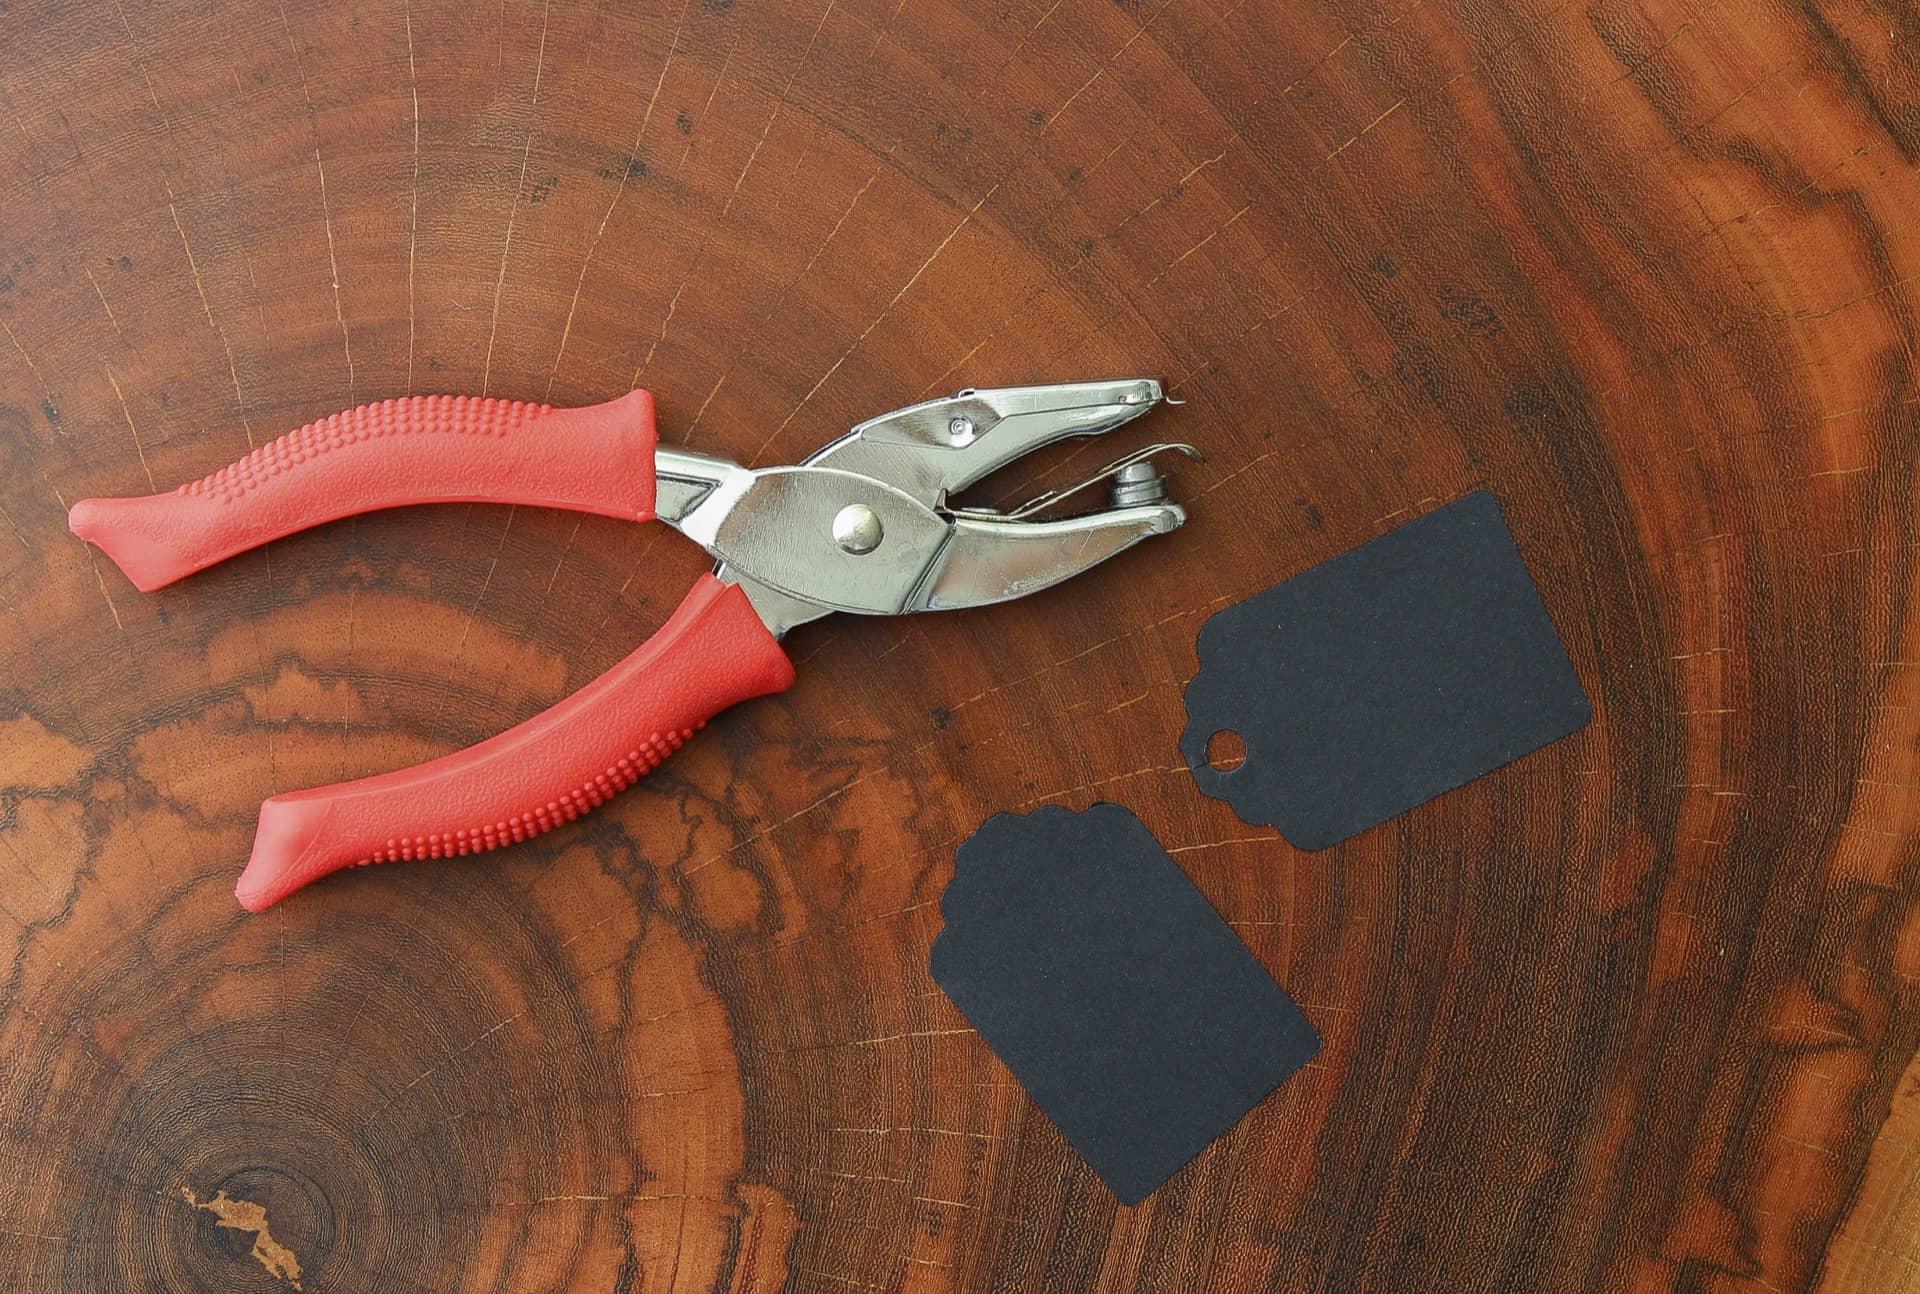 Imagem: Passo 2: fure a ponta de cada etiqueta para identificar sucos e passe a fita depois. É possível fazer isso com um furador de papel comum, mas você terá menos controle sobre o lugar do furo. Foto: Cacá Bratke.